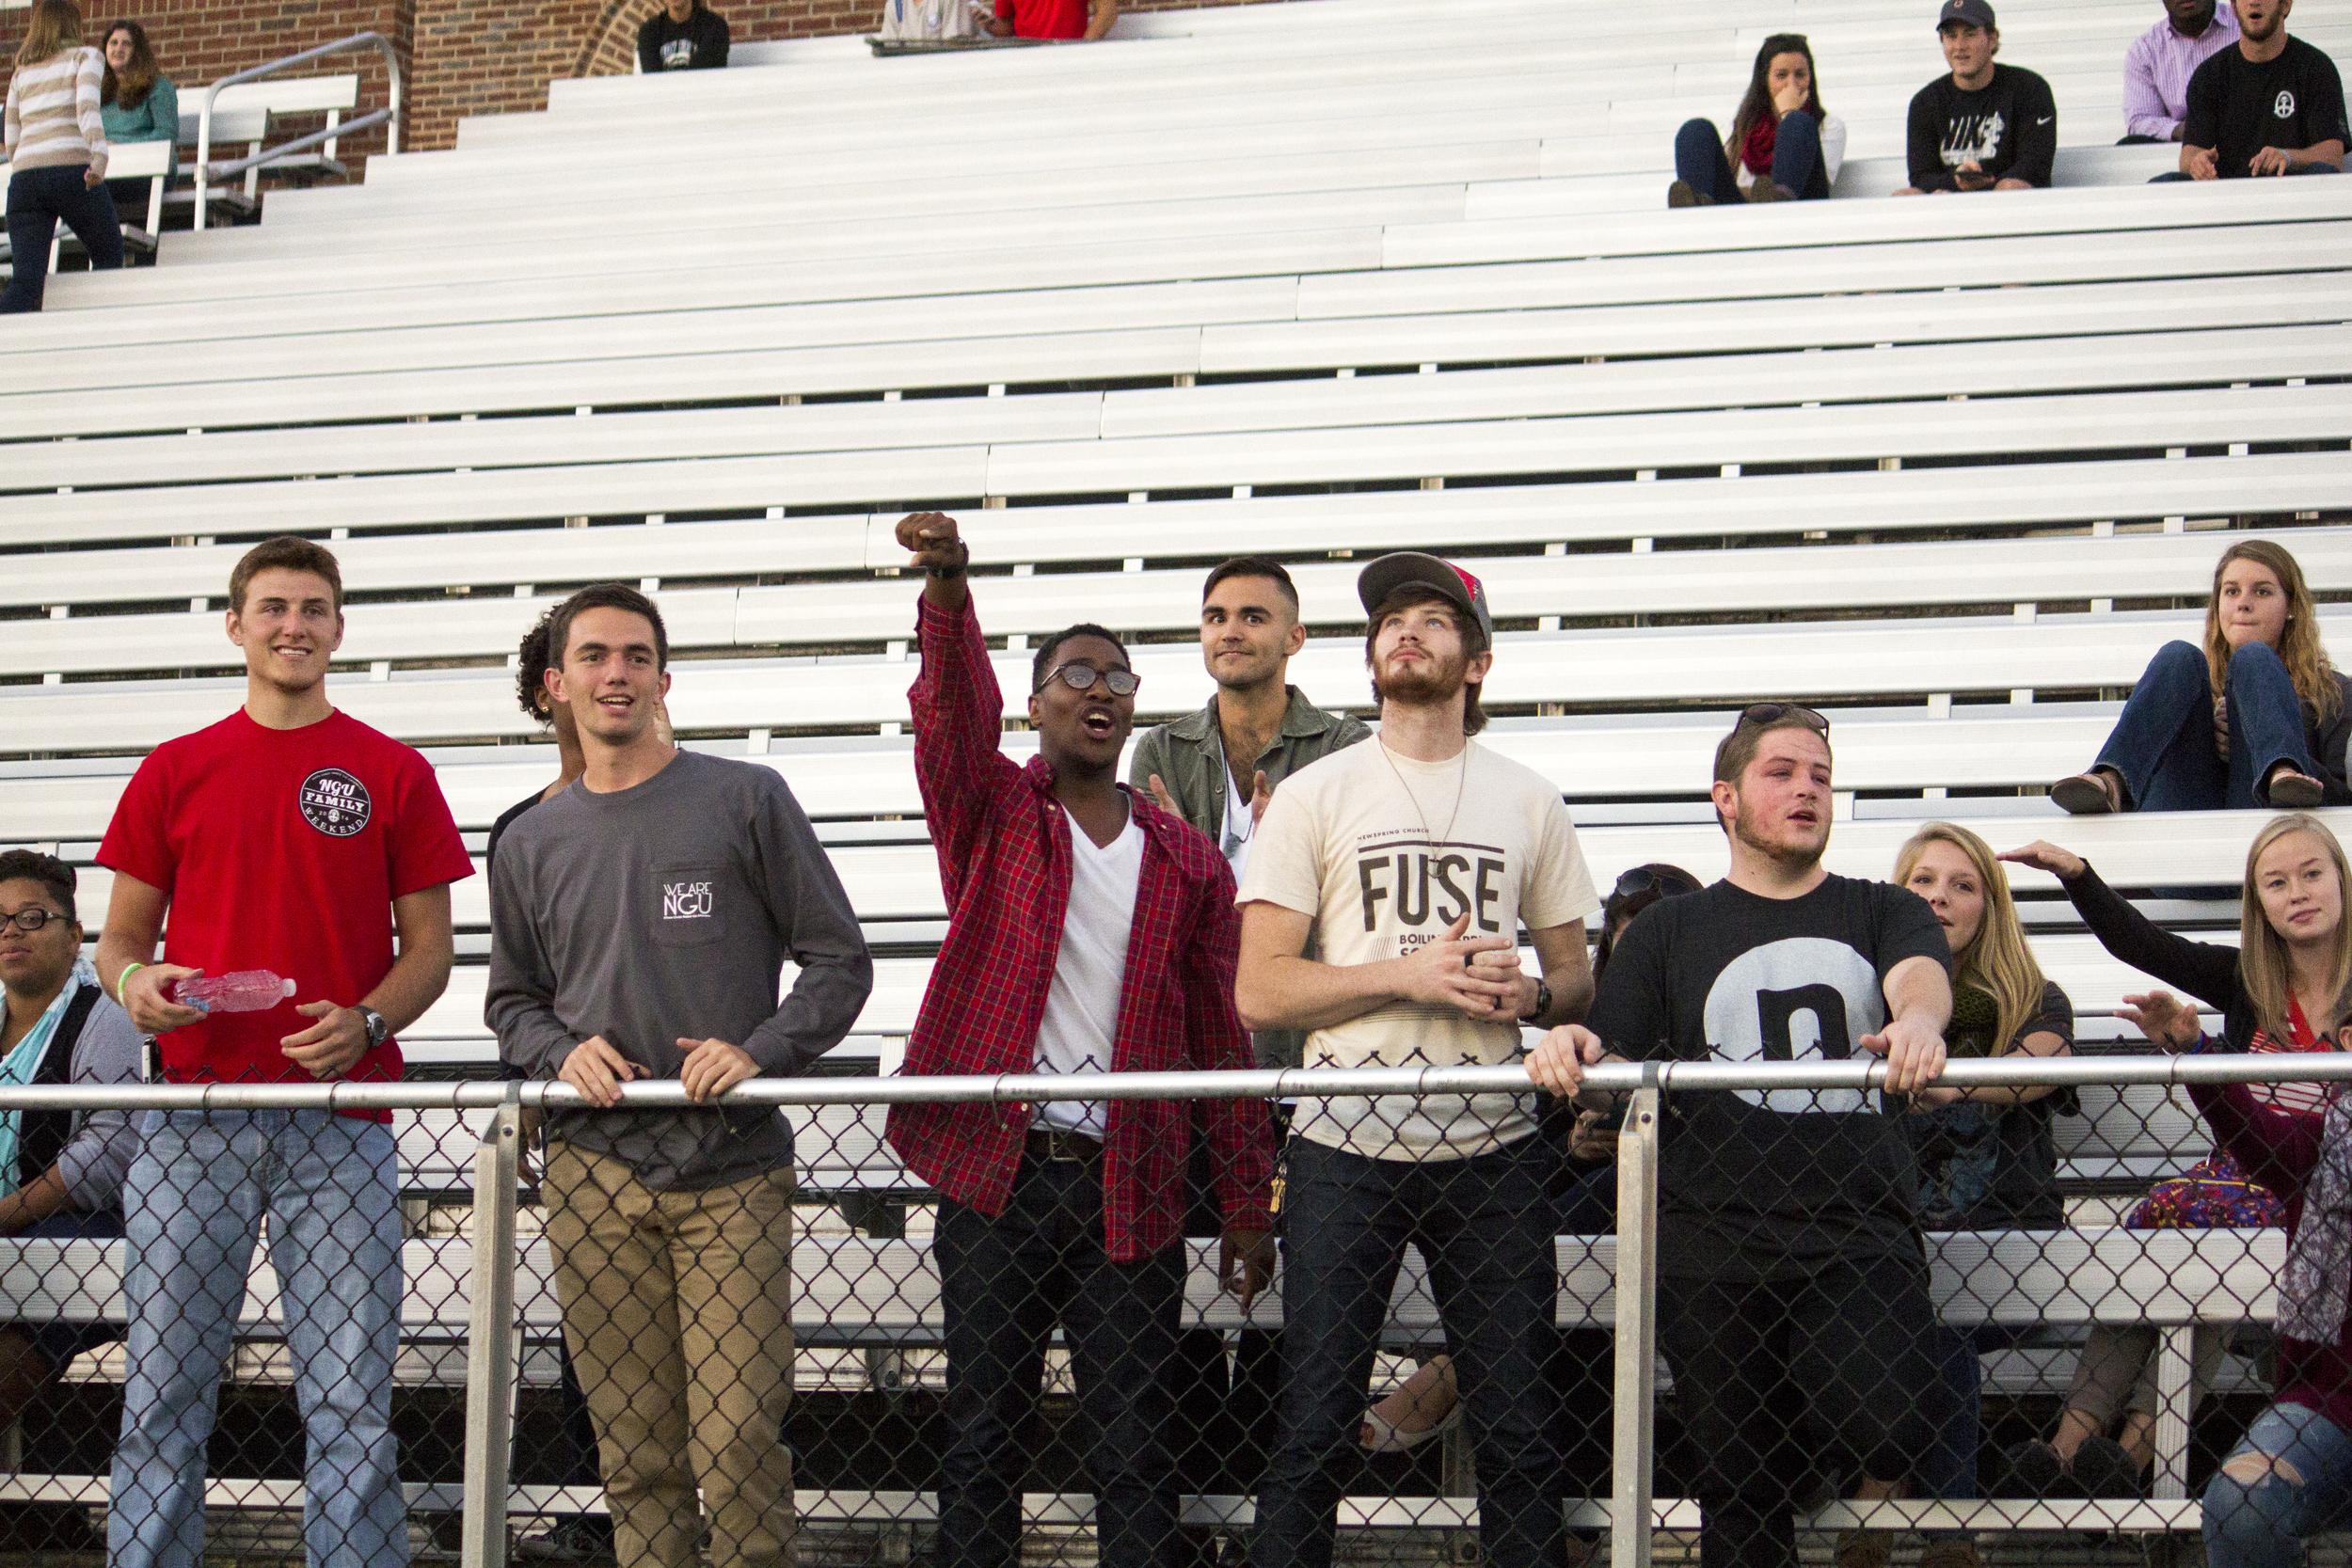 Some senior guys cheer on their fellow senior ladies during the powderpuff football game.